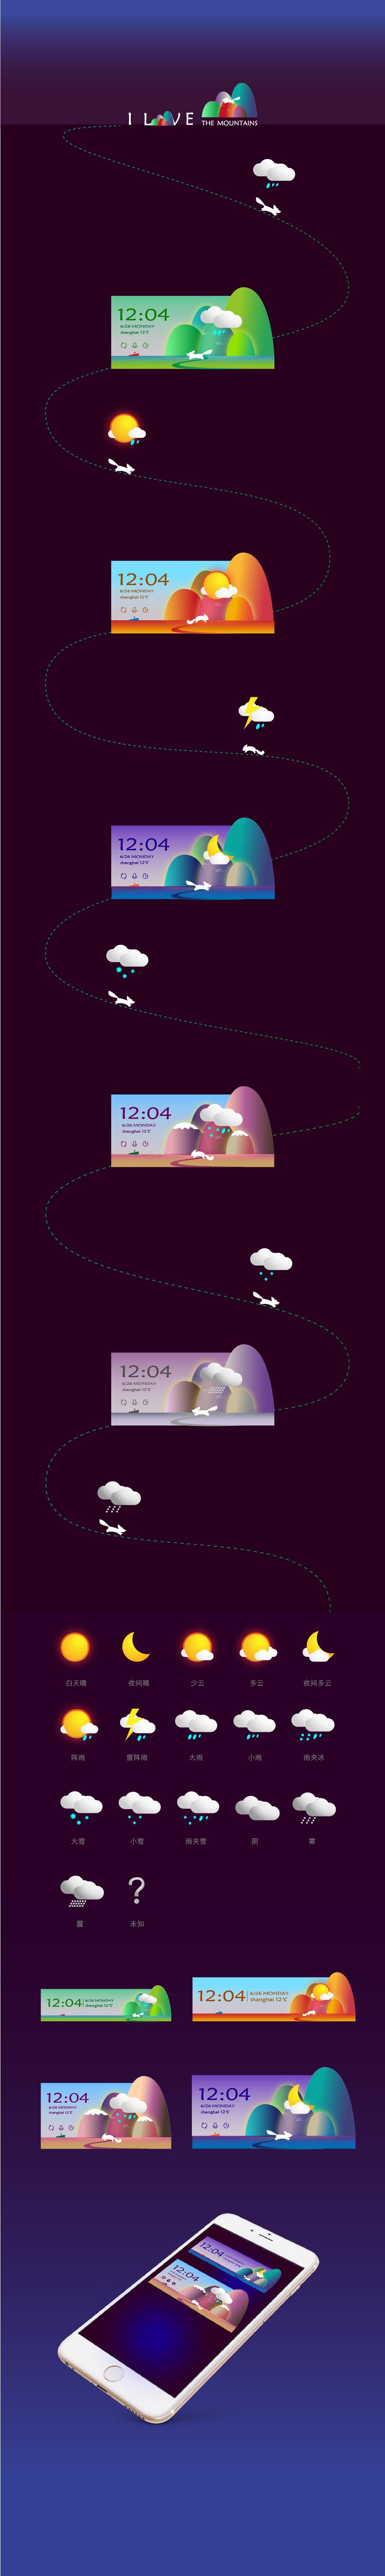 波音平台博彩通_中国网引流脚本吧-百度贴吧波音平台博彩通是澳门赌桌地区最大的新闻门户,集聚波音平台博彩通官网,波音平台博彩通网址,波音平台博彩通平台,波音平台博彩通开户等主流媒体,及时为用户提供国.